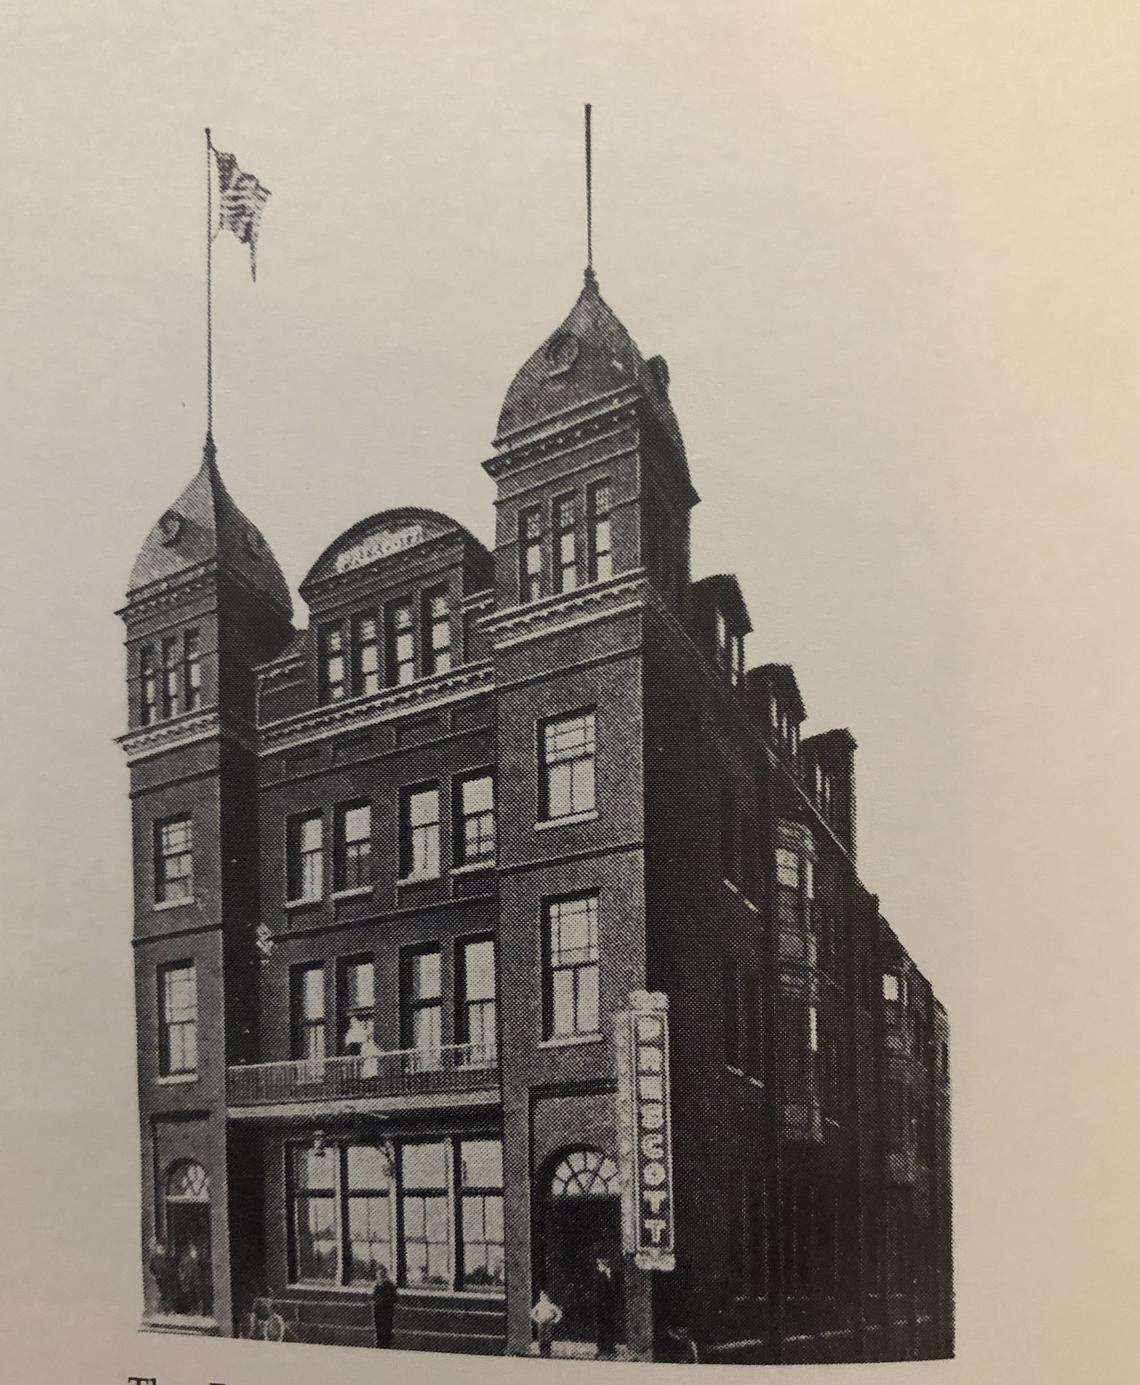 Khách sạn The Prescott là biểu tượng của sự thịnh vượng thành phố Fargo, North Dakota, những năm đầu thế kỷ 20. Ảnh: NDSU Archives